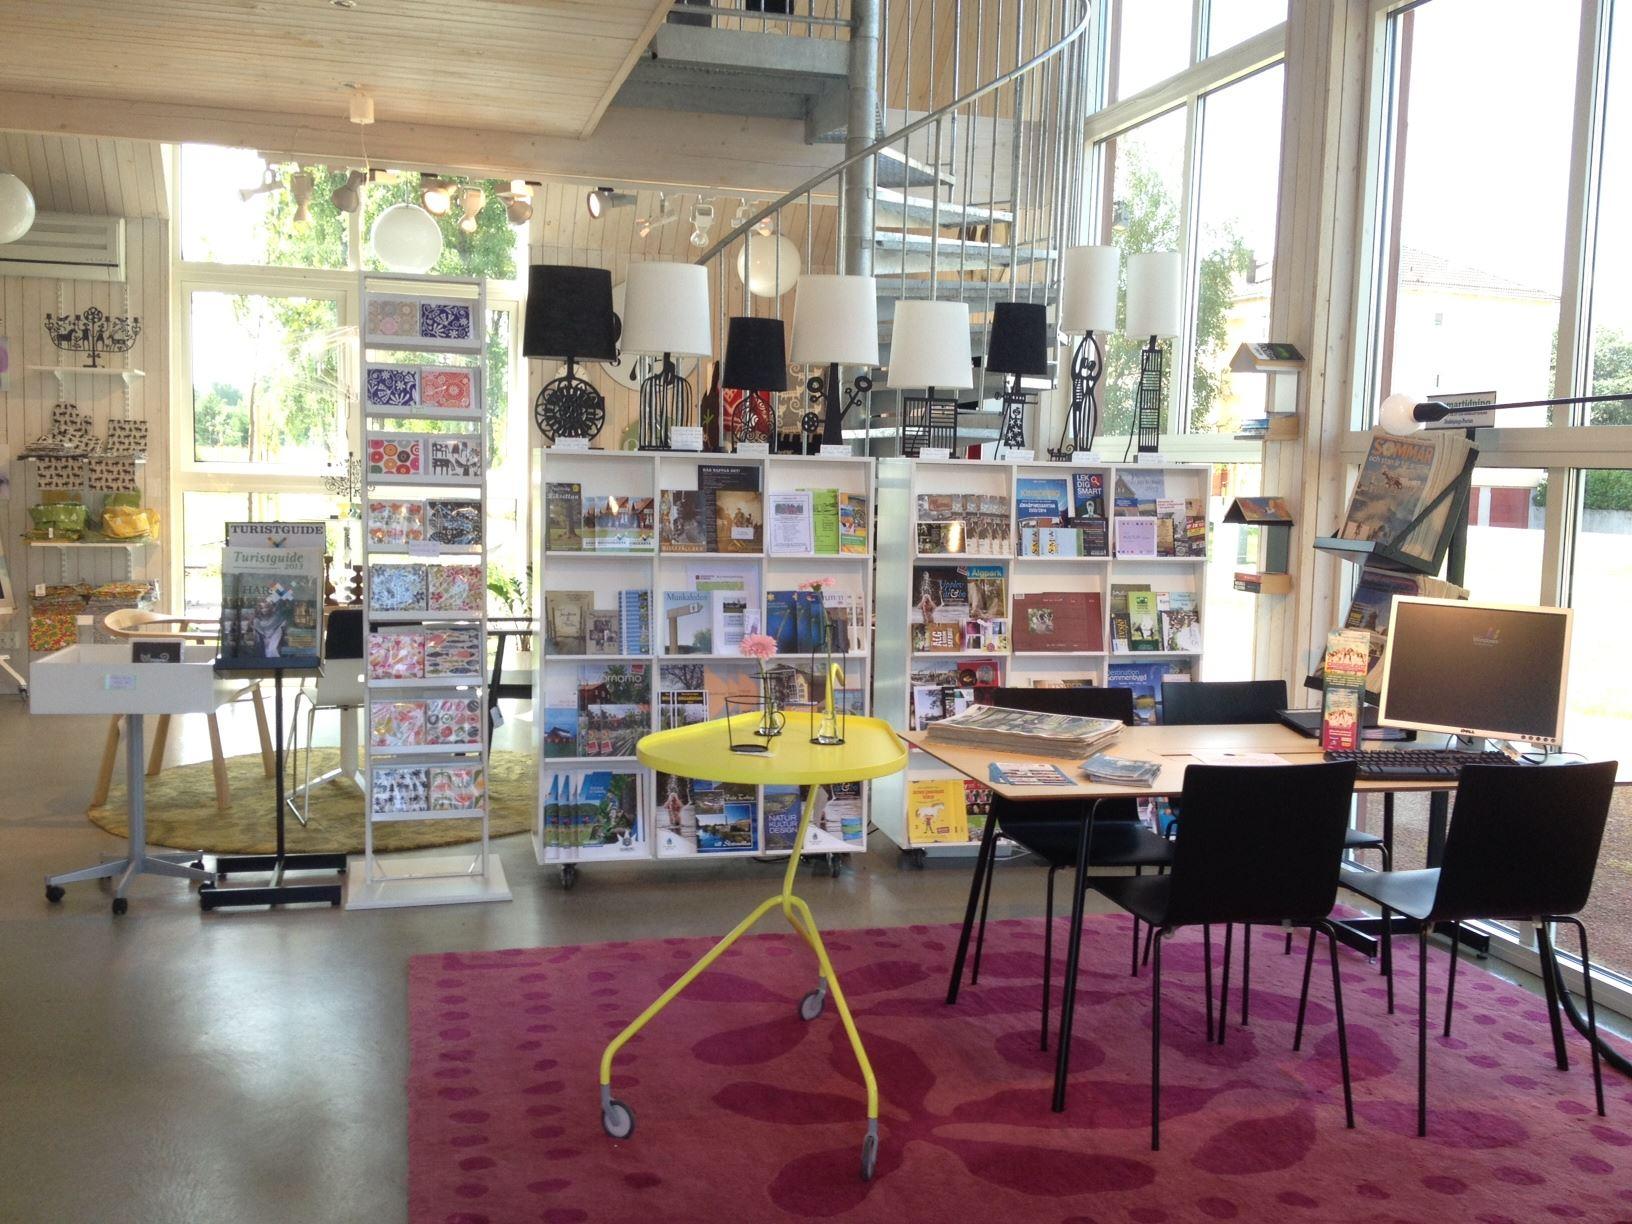 Skillingaryd Design Center, Turistbyrå